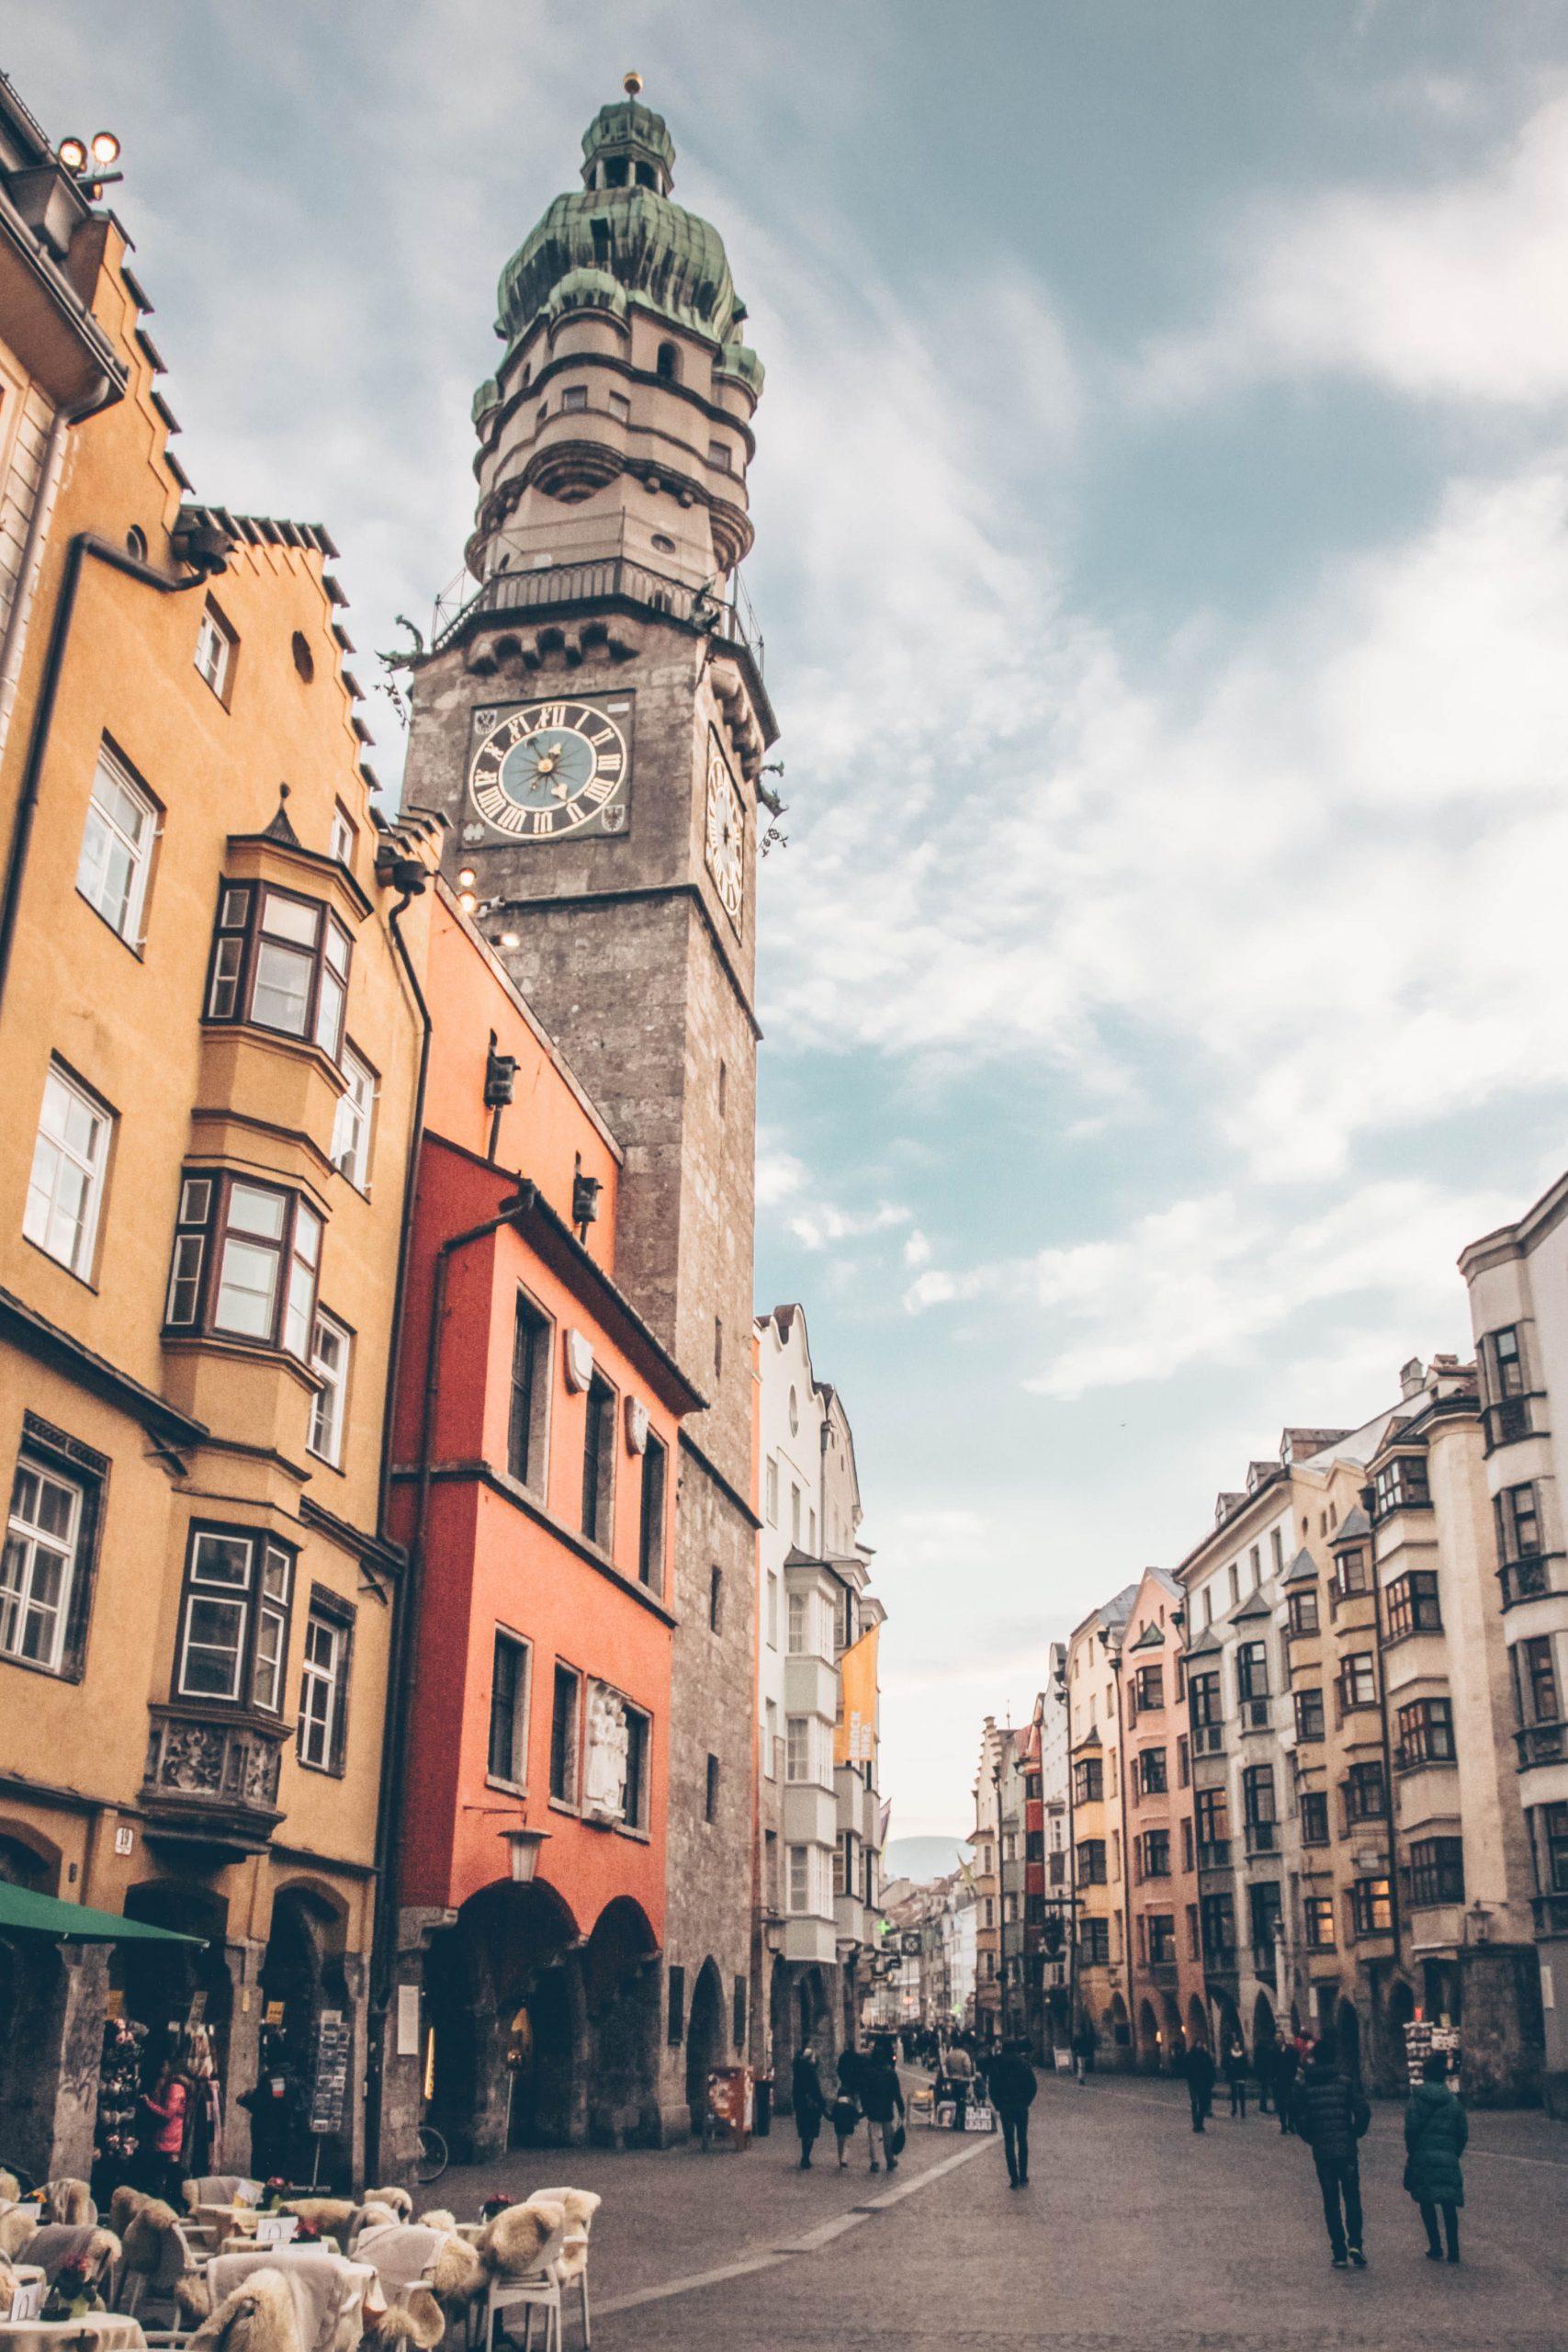 centro storico di Innsbruck con palazzi meravigliosi dai colori tipici tirolesi